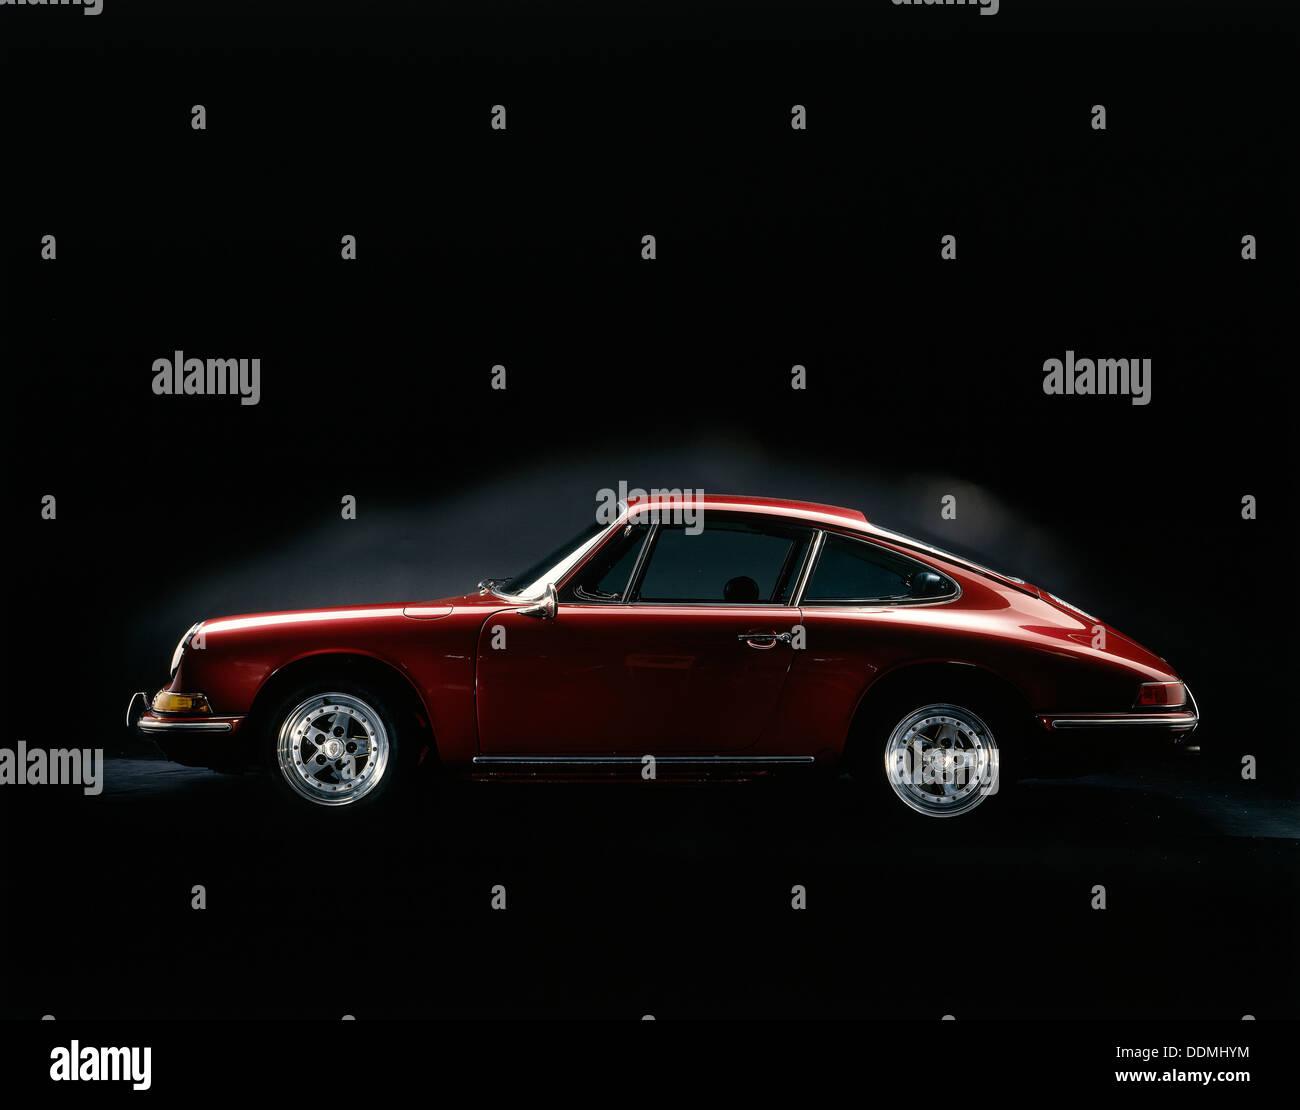 1967 Porsche 911. - Stock Image